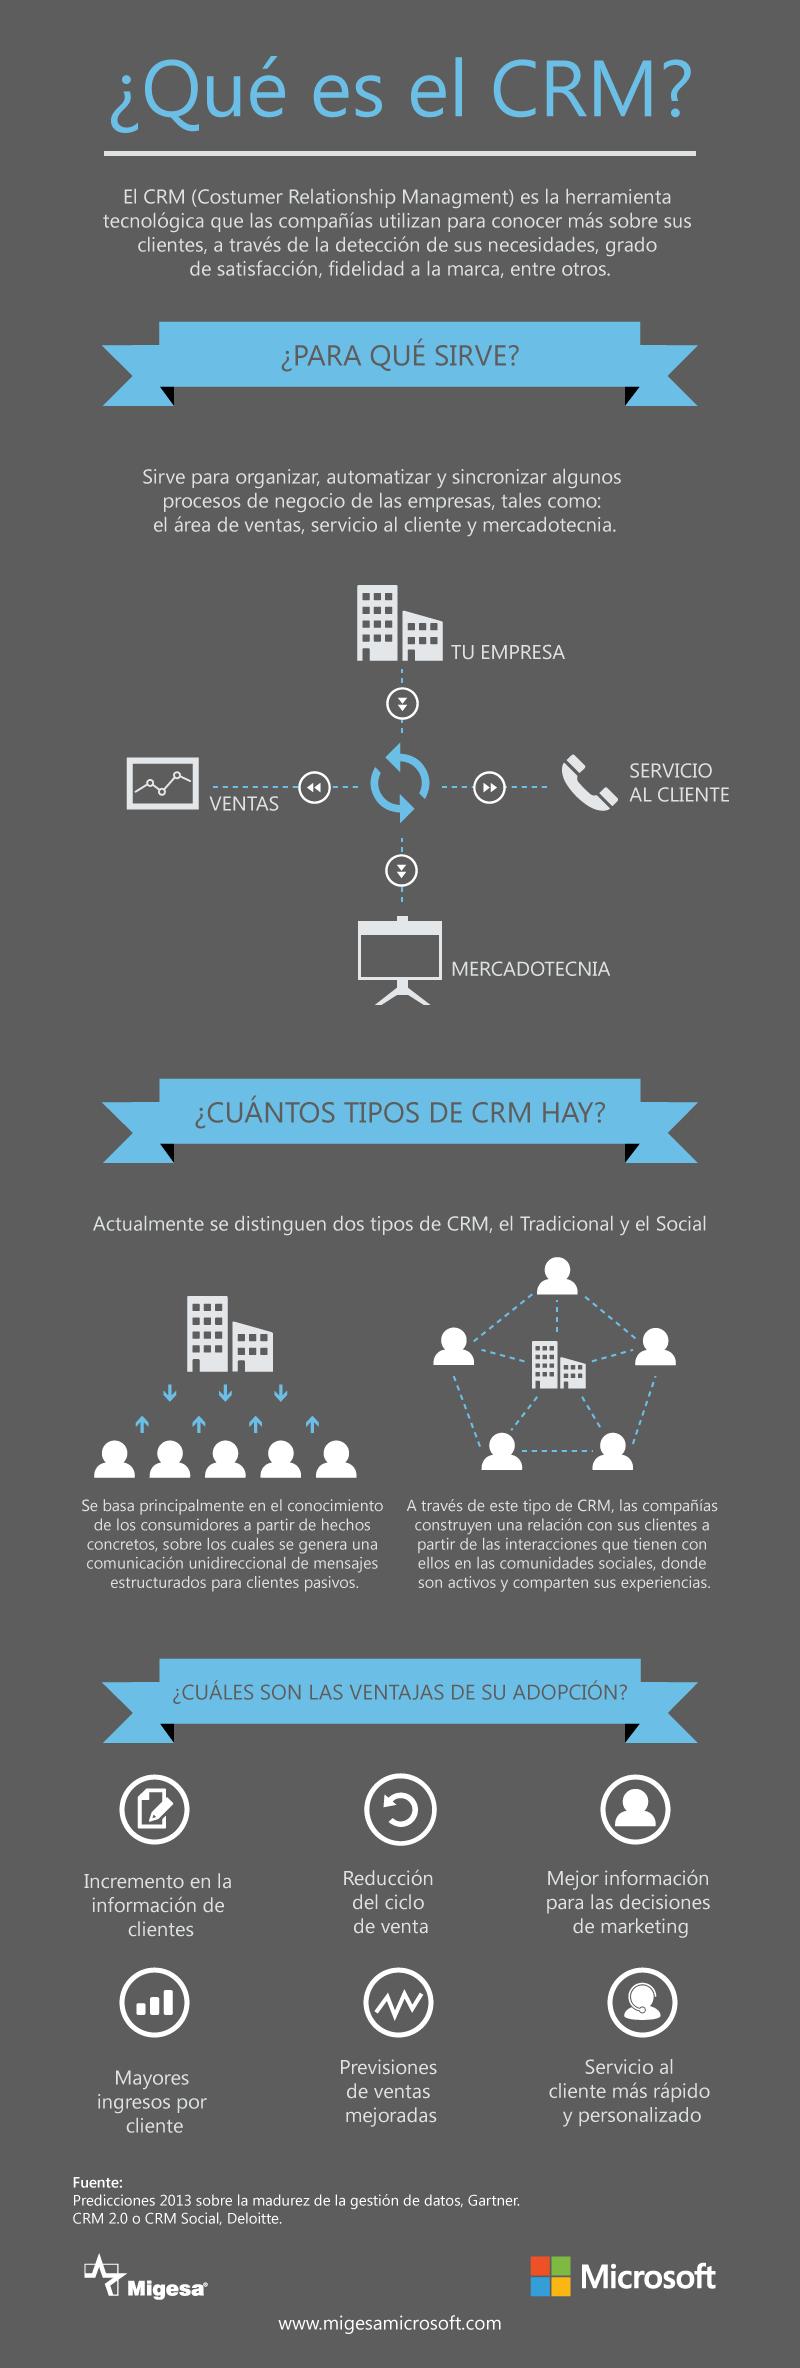 Inforgrafía qué es un CRM, y sus ventajas